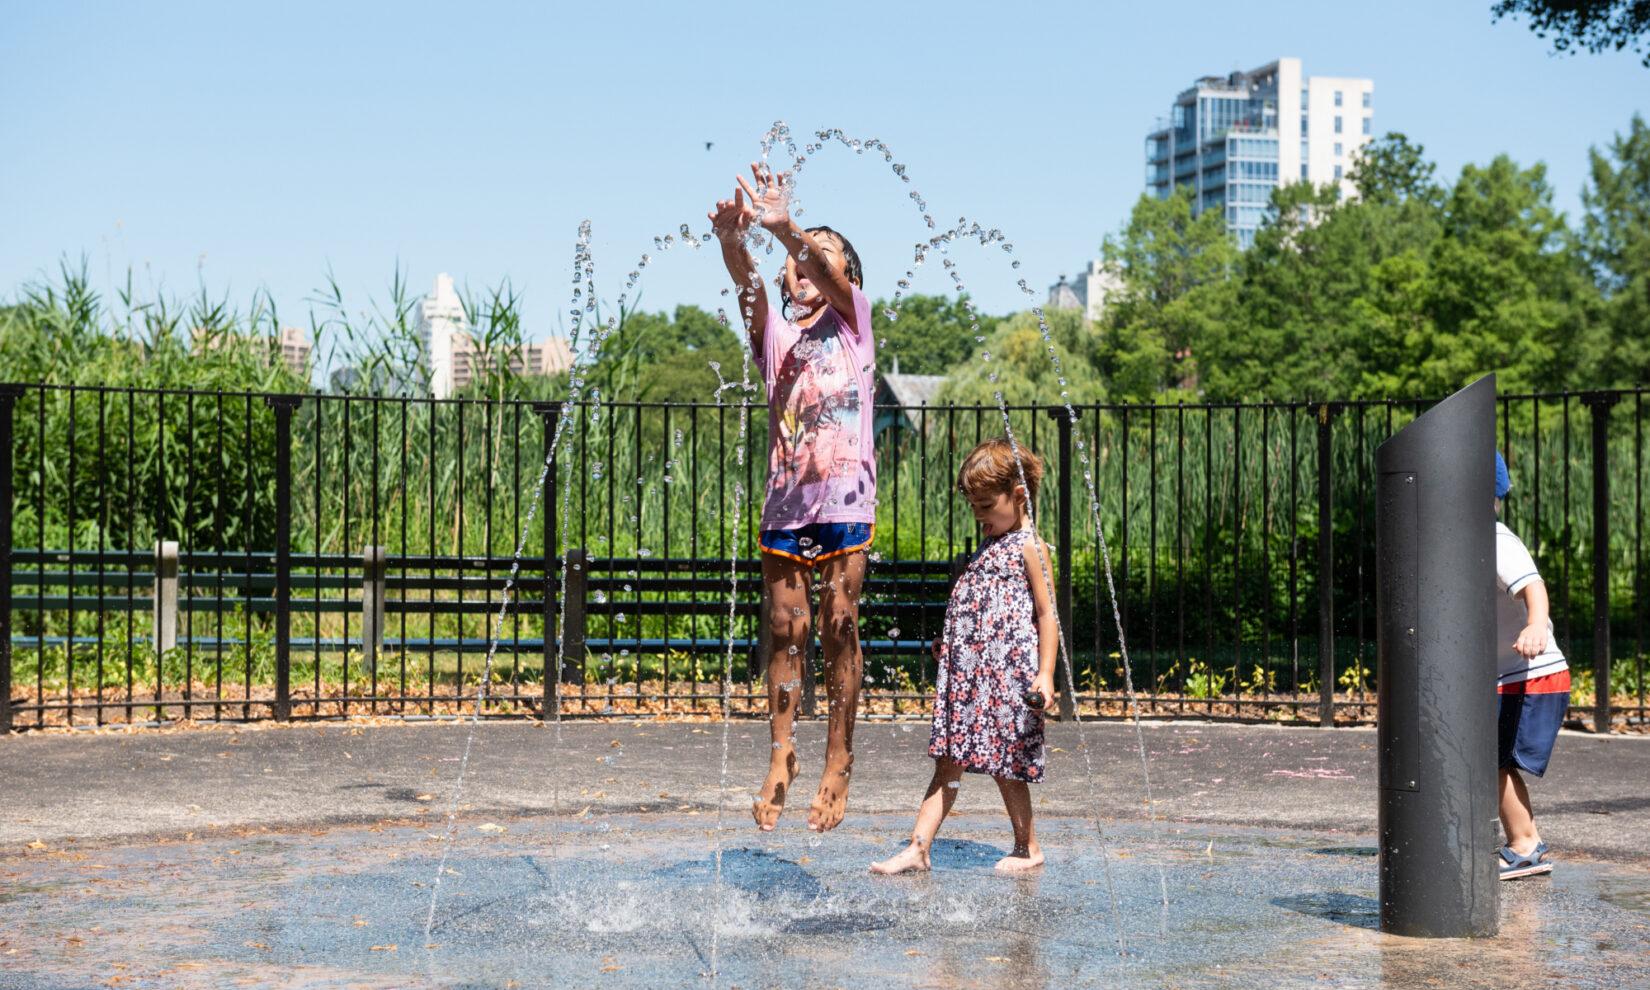 Schenck Central Park E108th Street playground 2018 07 10 DSC 5467